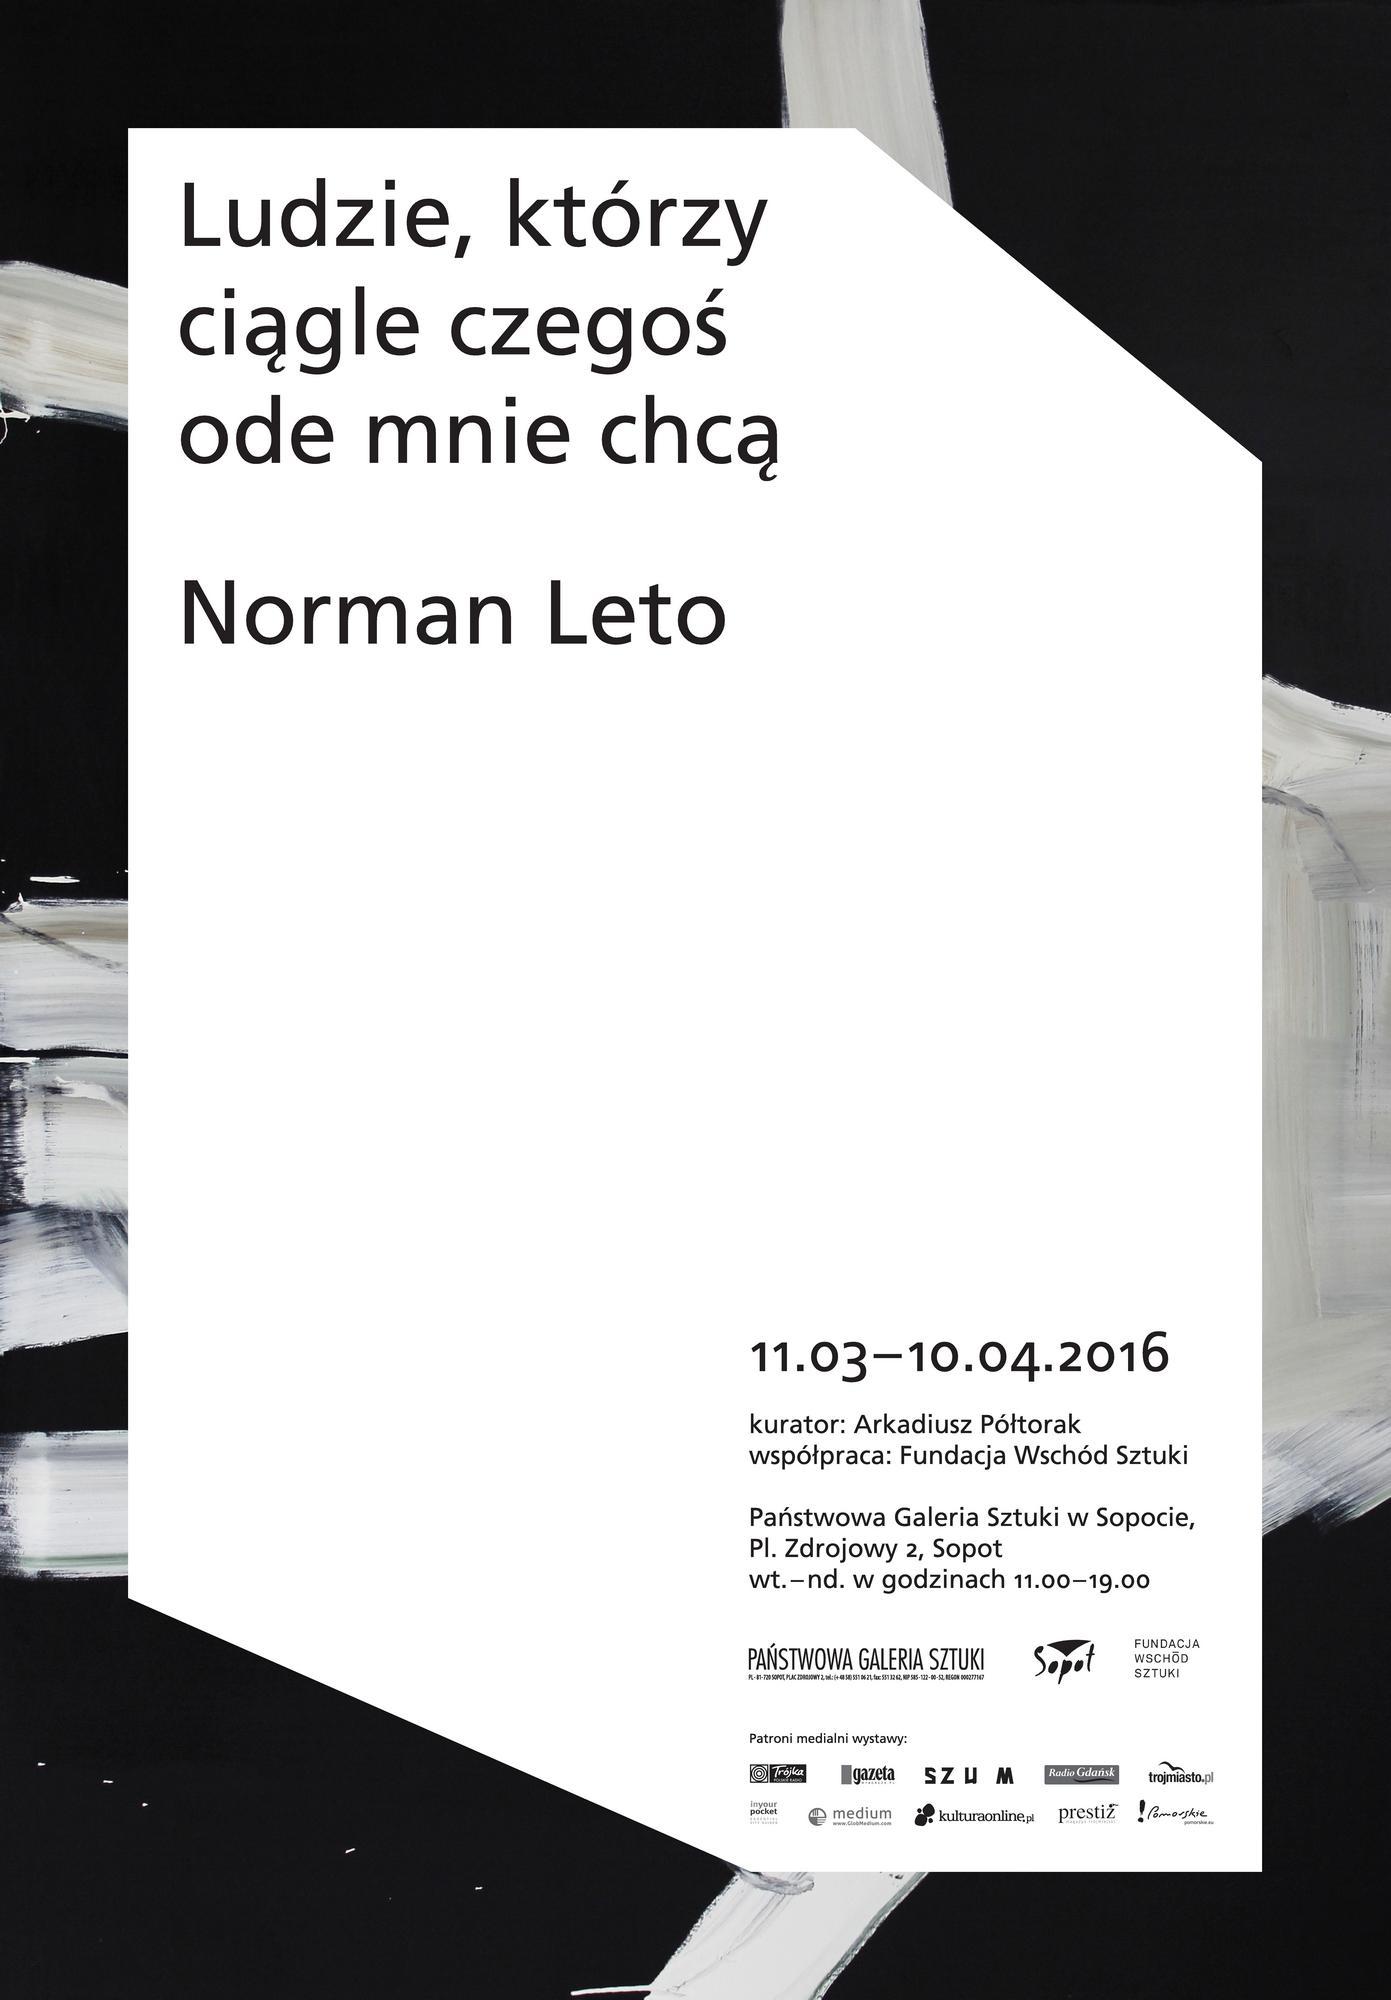 """Norman Leto, """"Ludzie, którzy ciągle czegoś ode mnie chcą"""" – plakat (źródło: materiały prasowe)"""